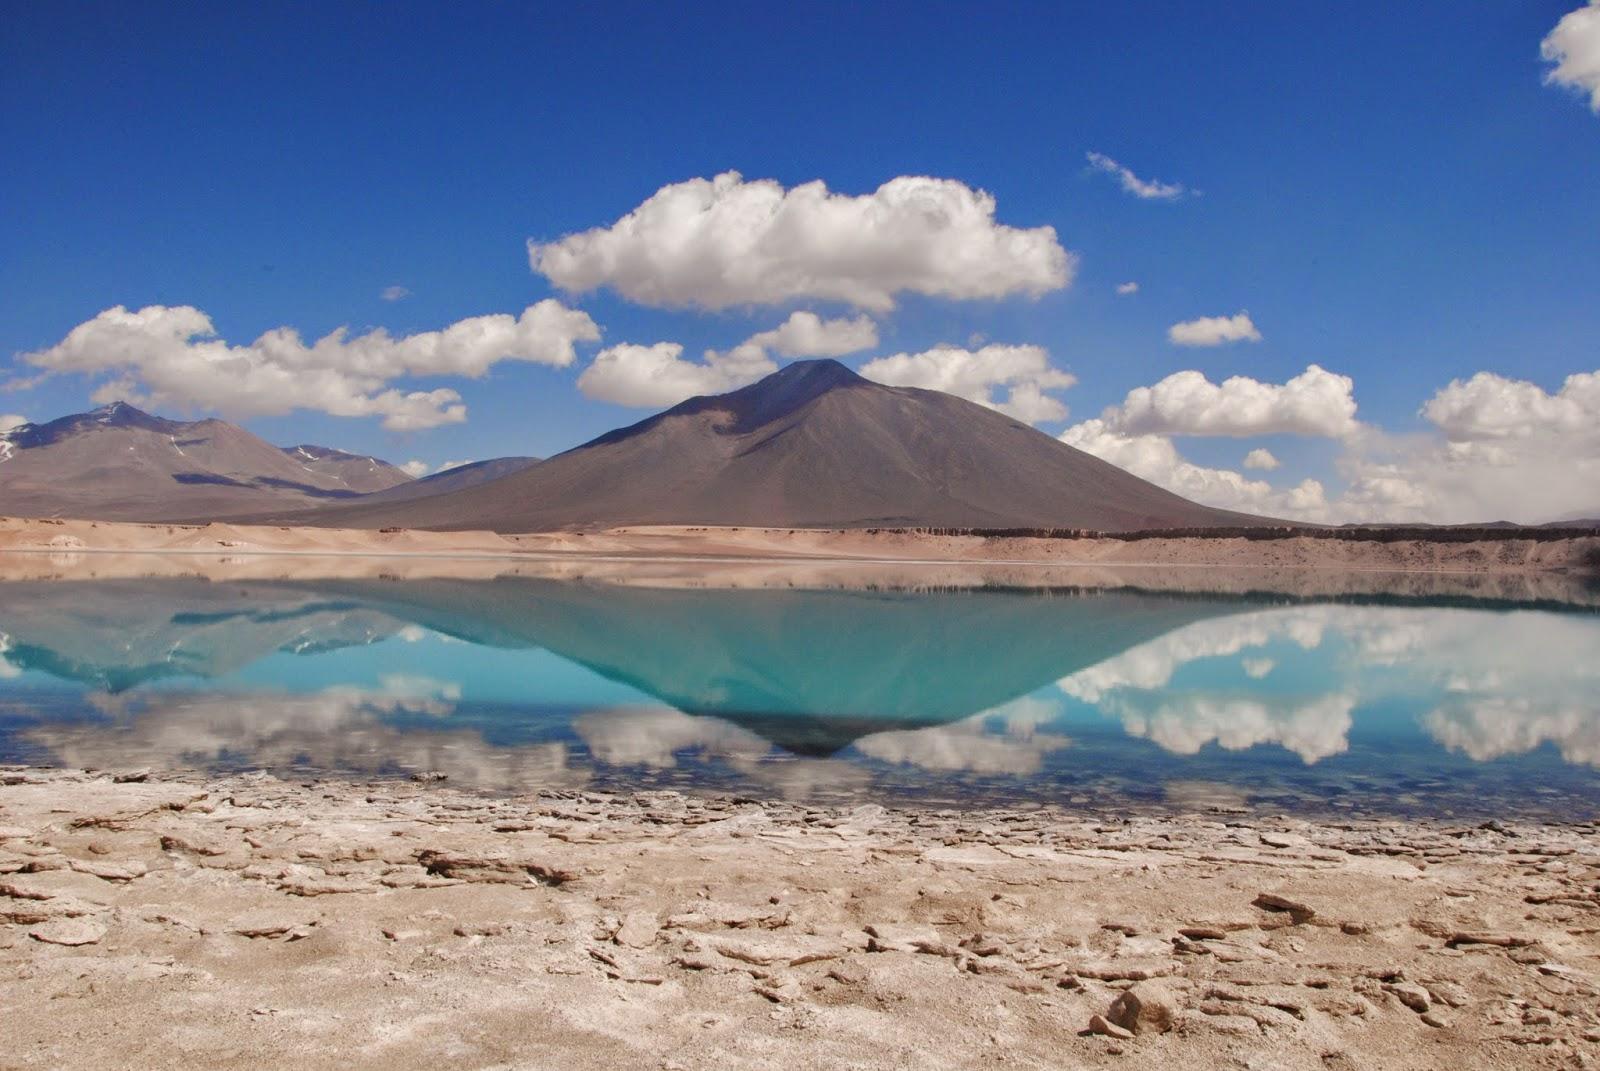 Laguna Verde, reflet sur l'eau turquoise - Chili